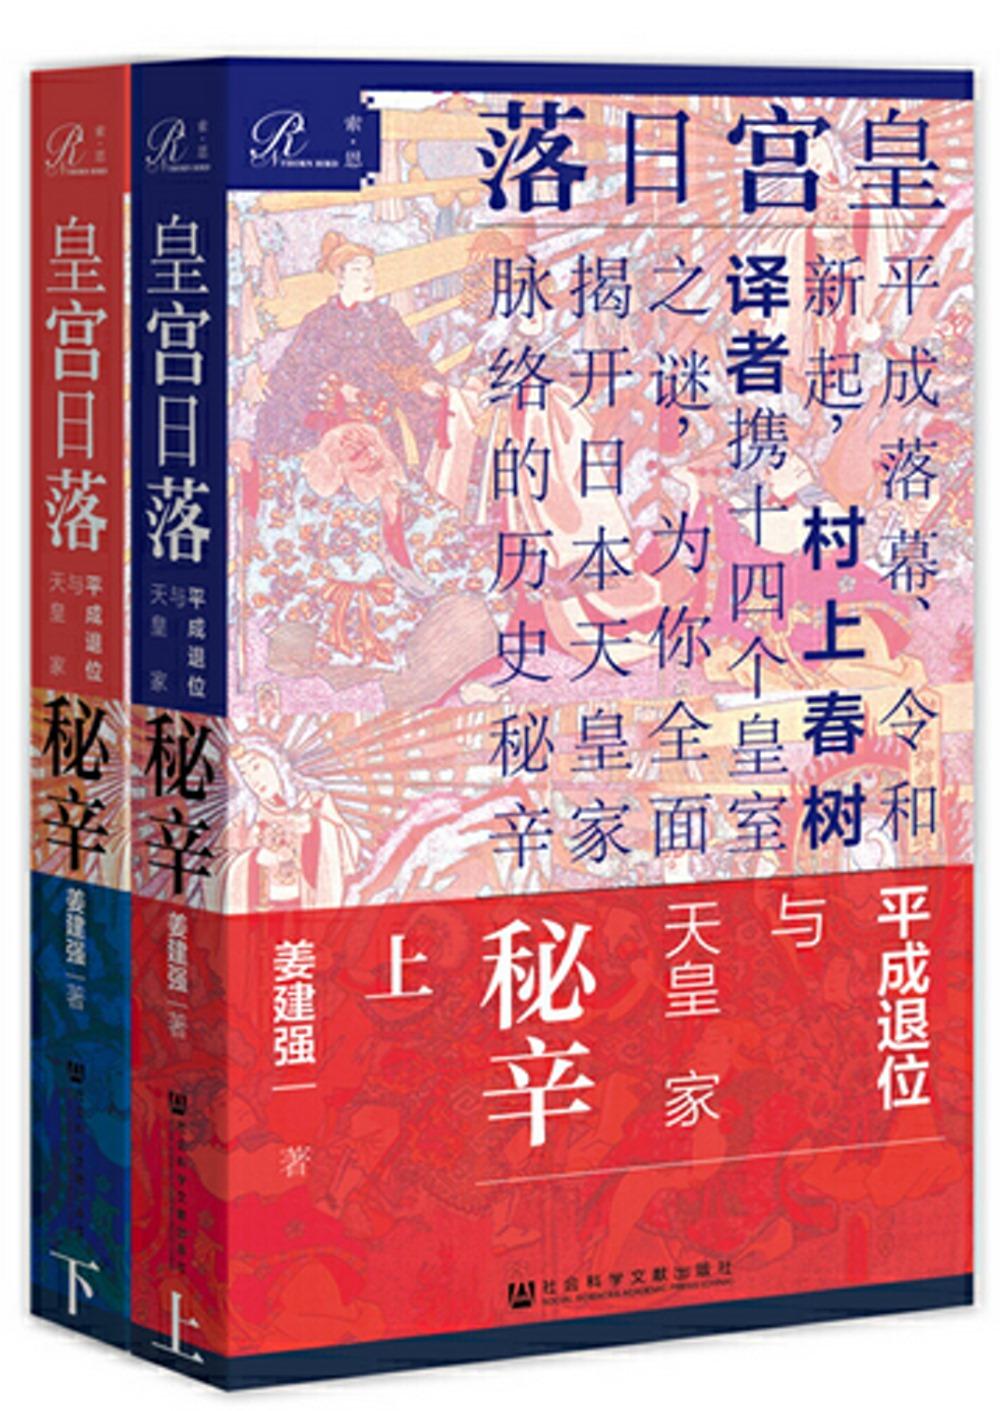 索恩叢書:皇宮日落:平成退位與天皇家秘辛(上下)